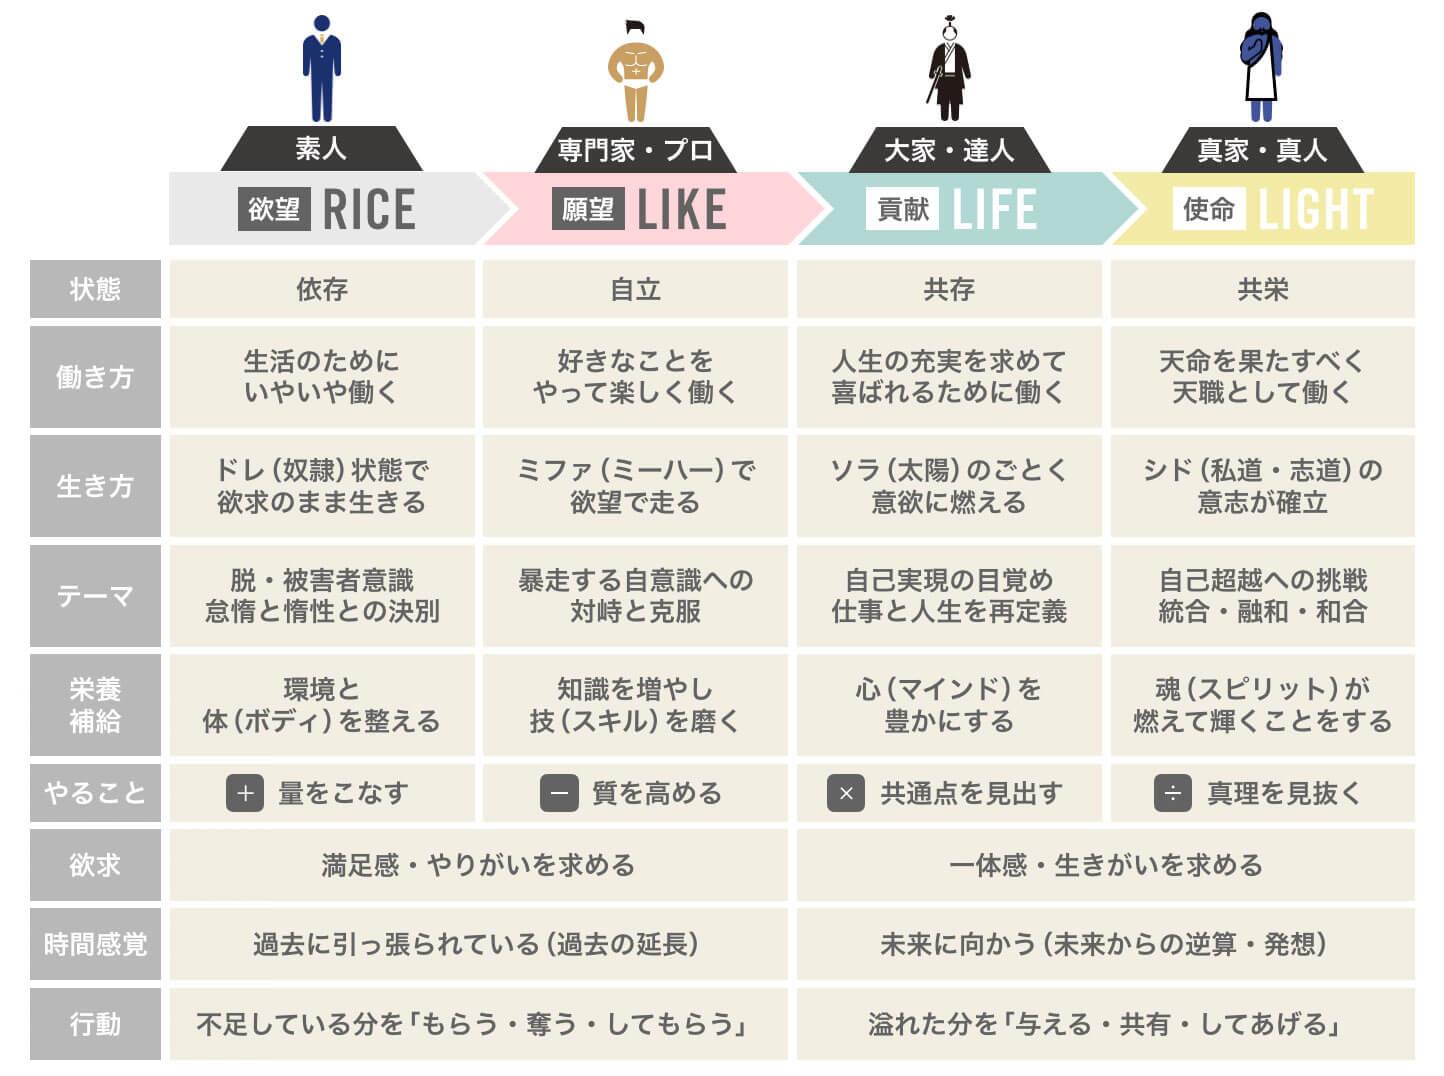 人生の4つのステージ